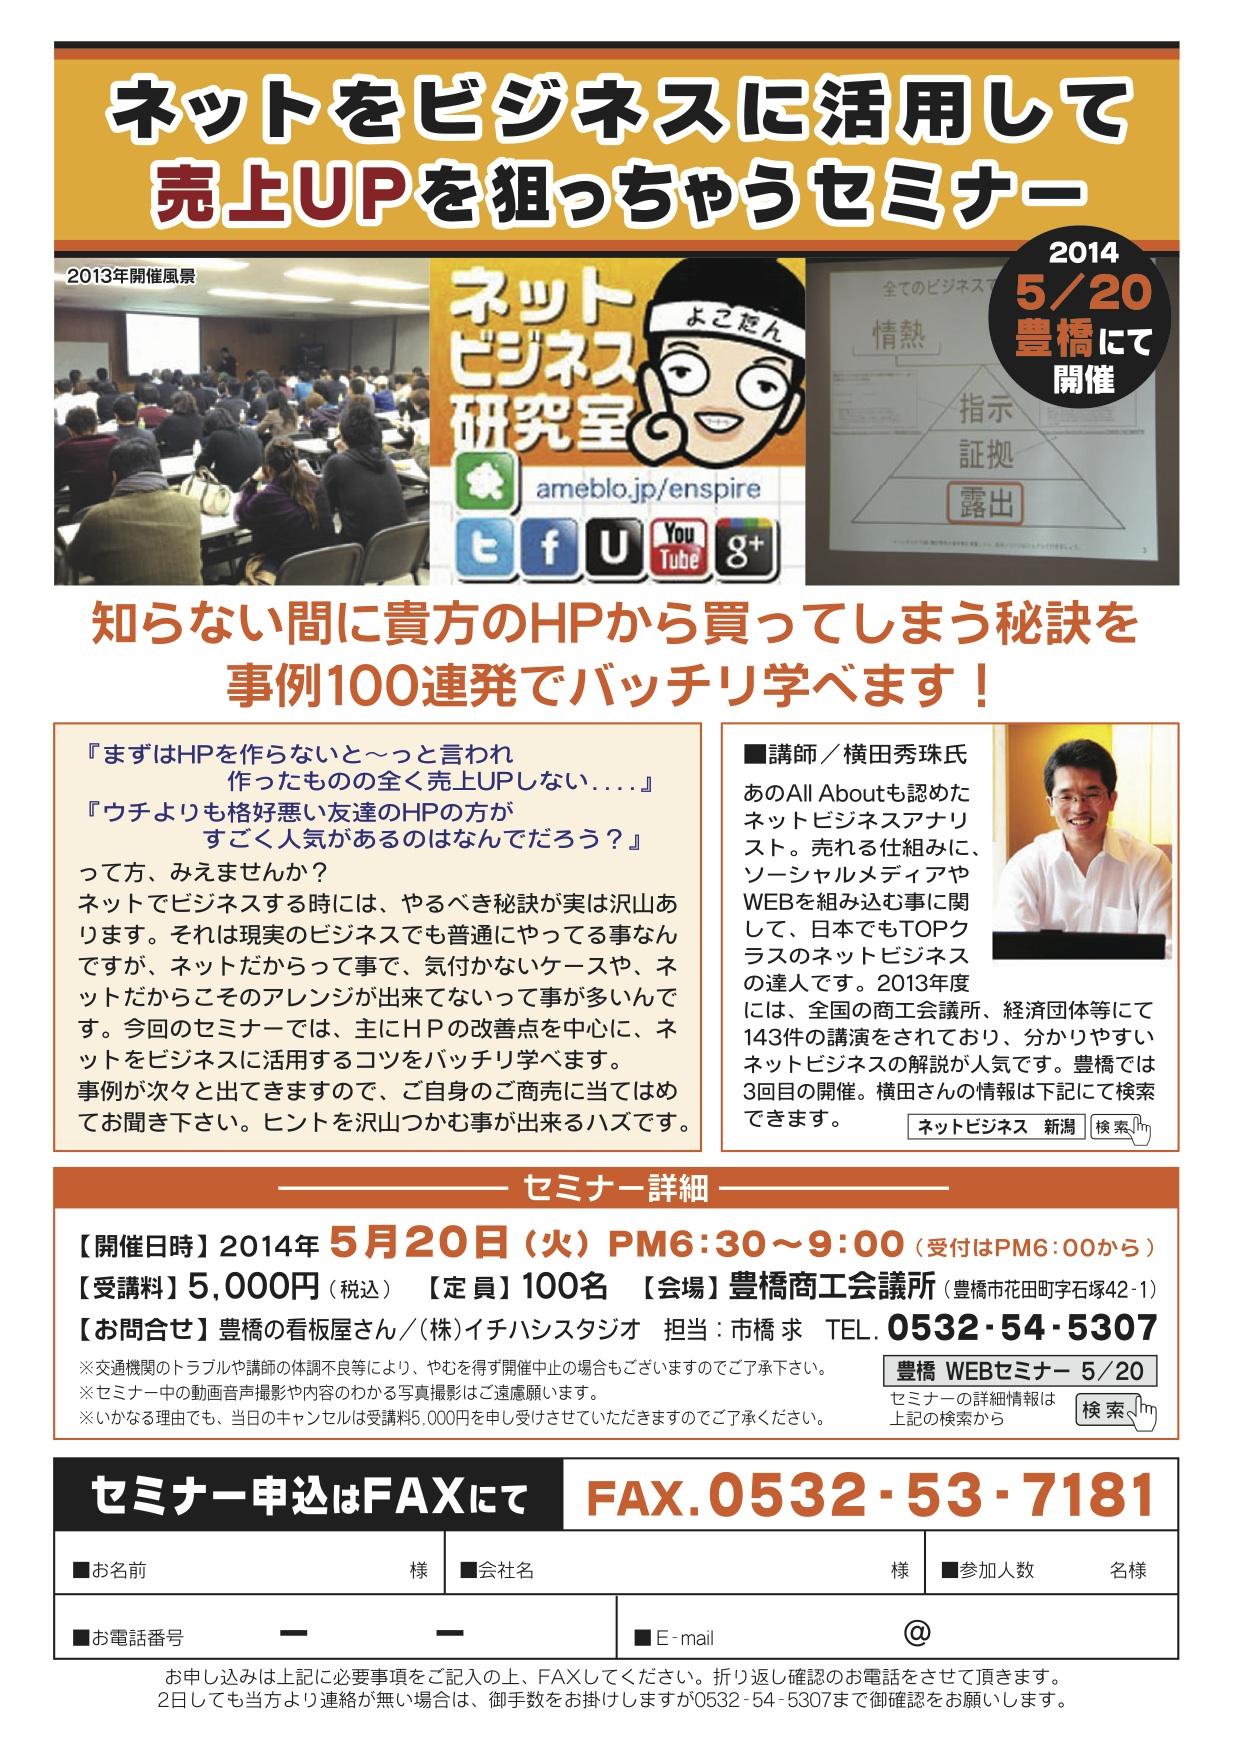 横田さんの豊橋WEBセミナー2014年5月20日